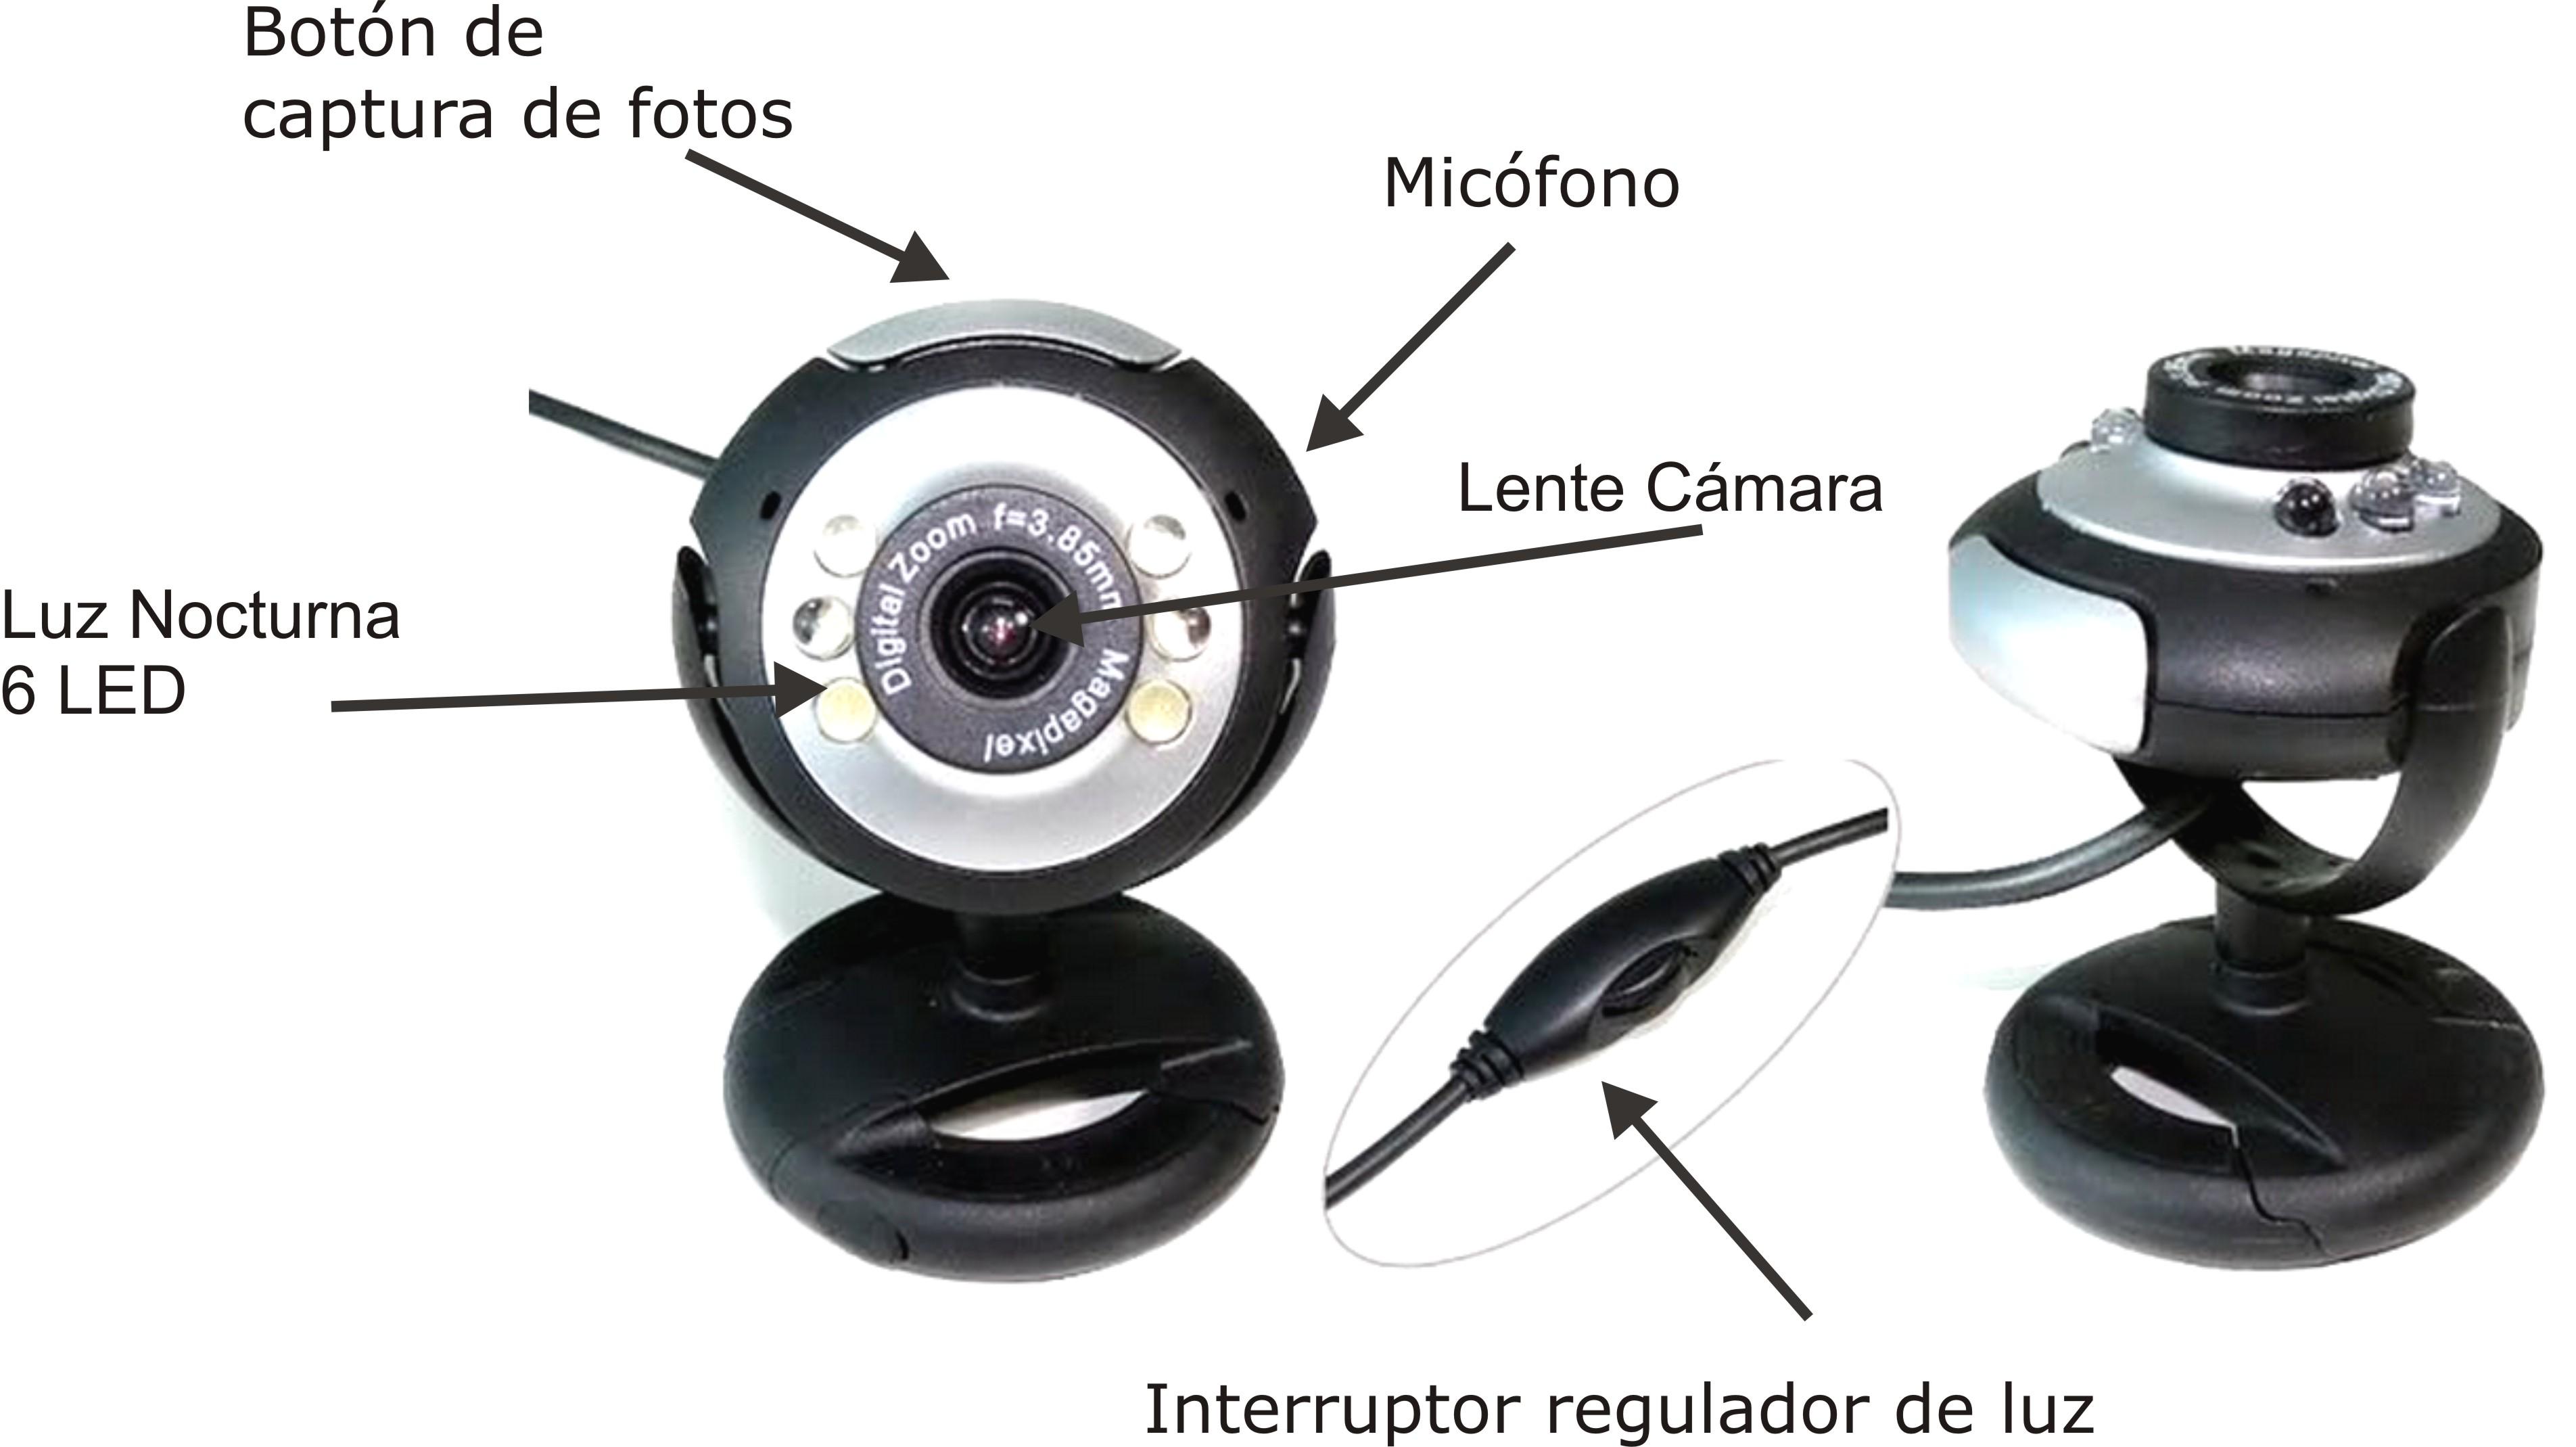 Graybar video con camera webcam